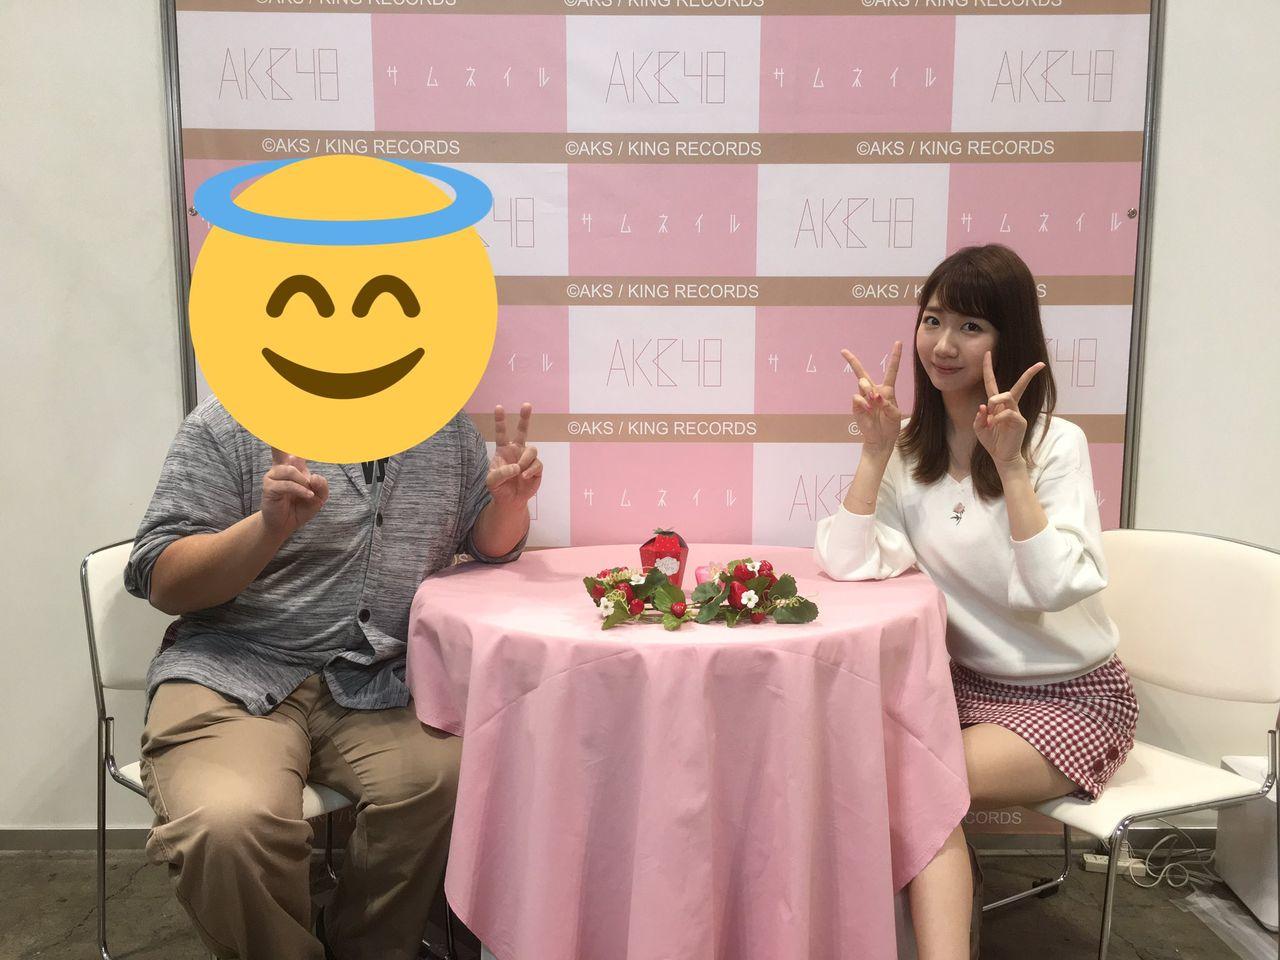 【エンタメ画像】【画像】AKB48の柏木由紀さん、ドスケベ私服で写真会出演!こんなんボッキ不可避やろwwwwwwwww